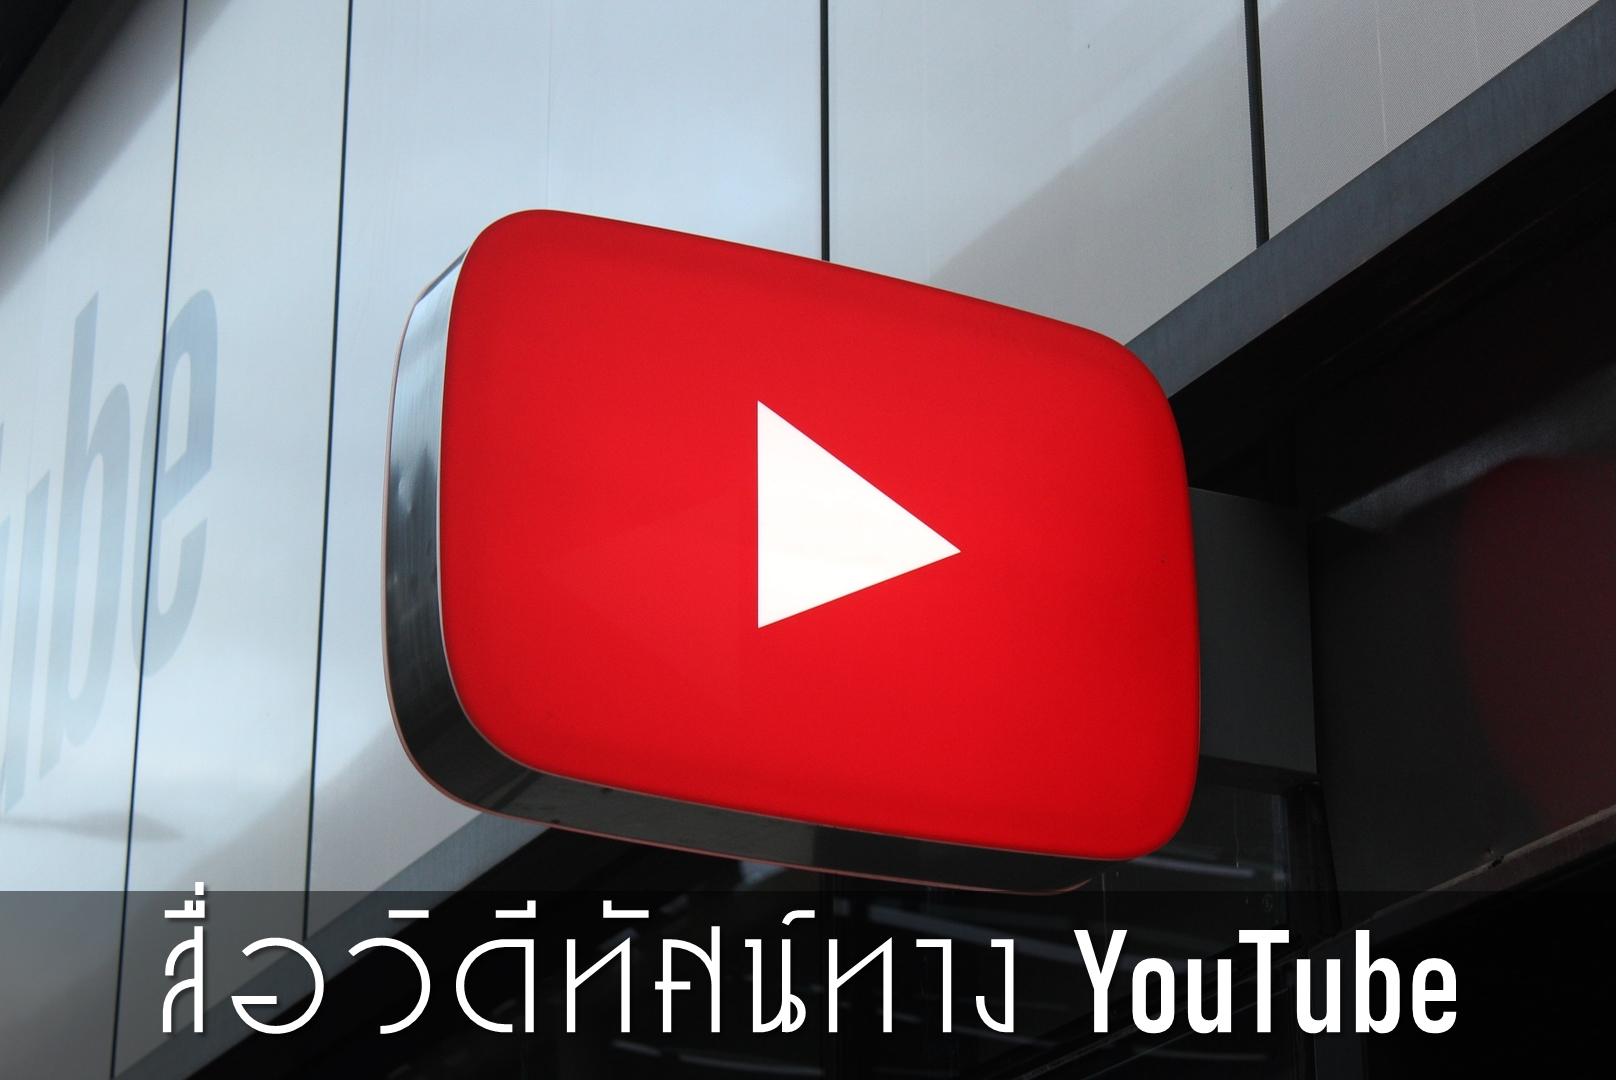 สื่อวิดีทัศน์ทาง YouTube